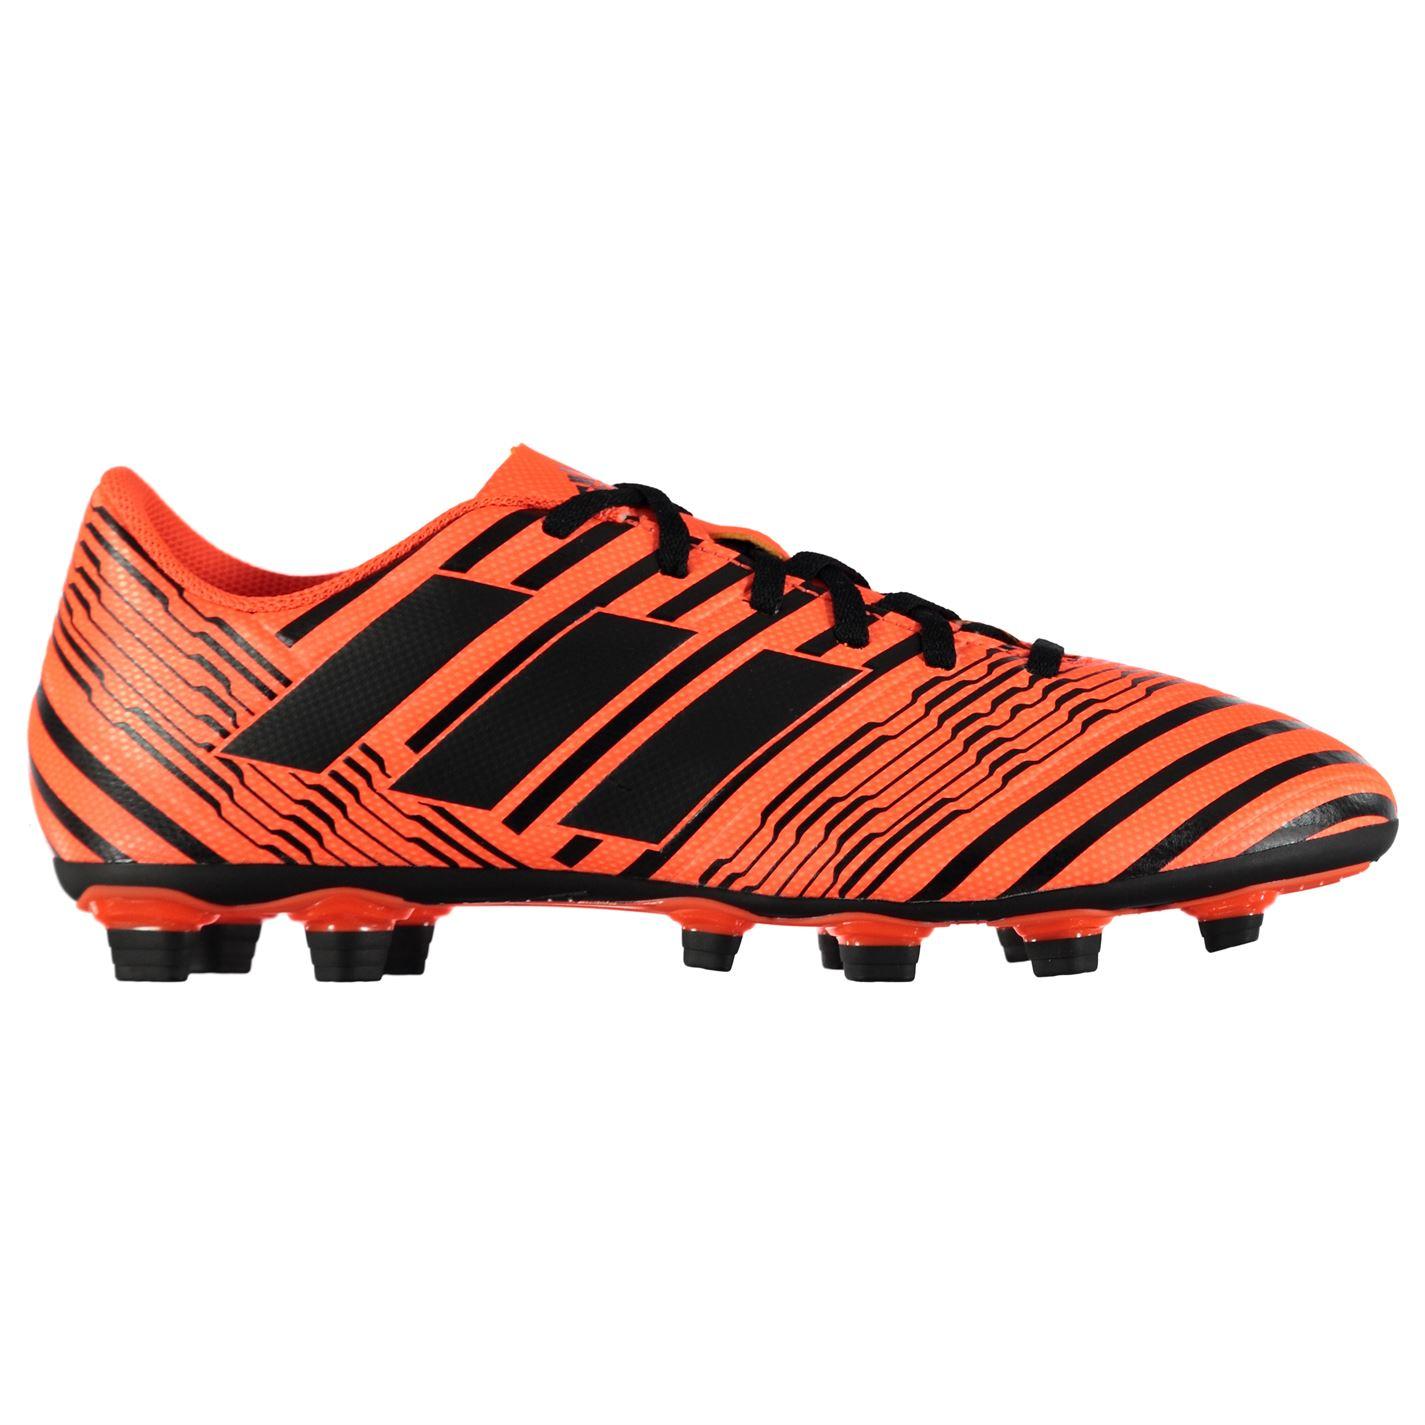 Adidas Nemeziz 17.4 FG Mens Football Boots